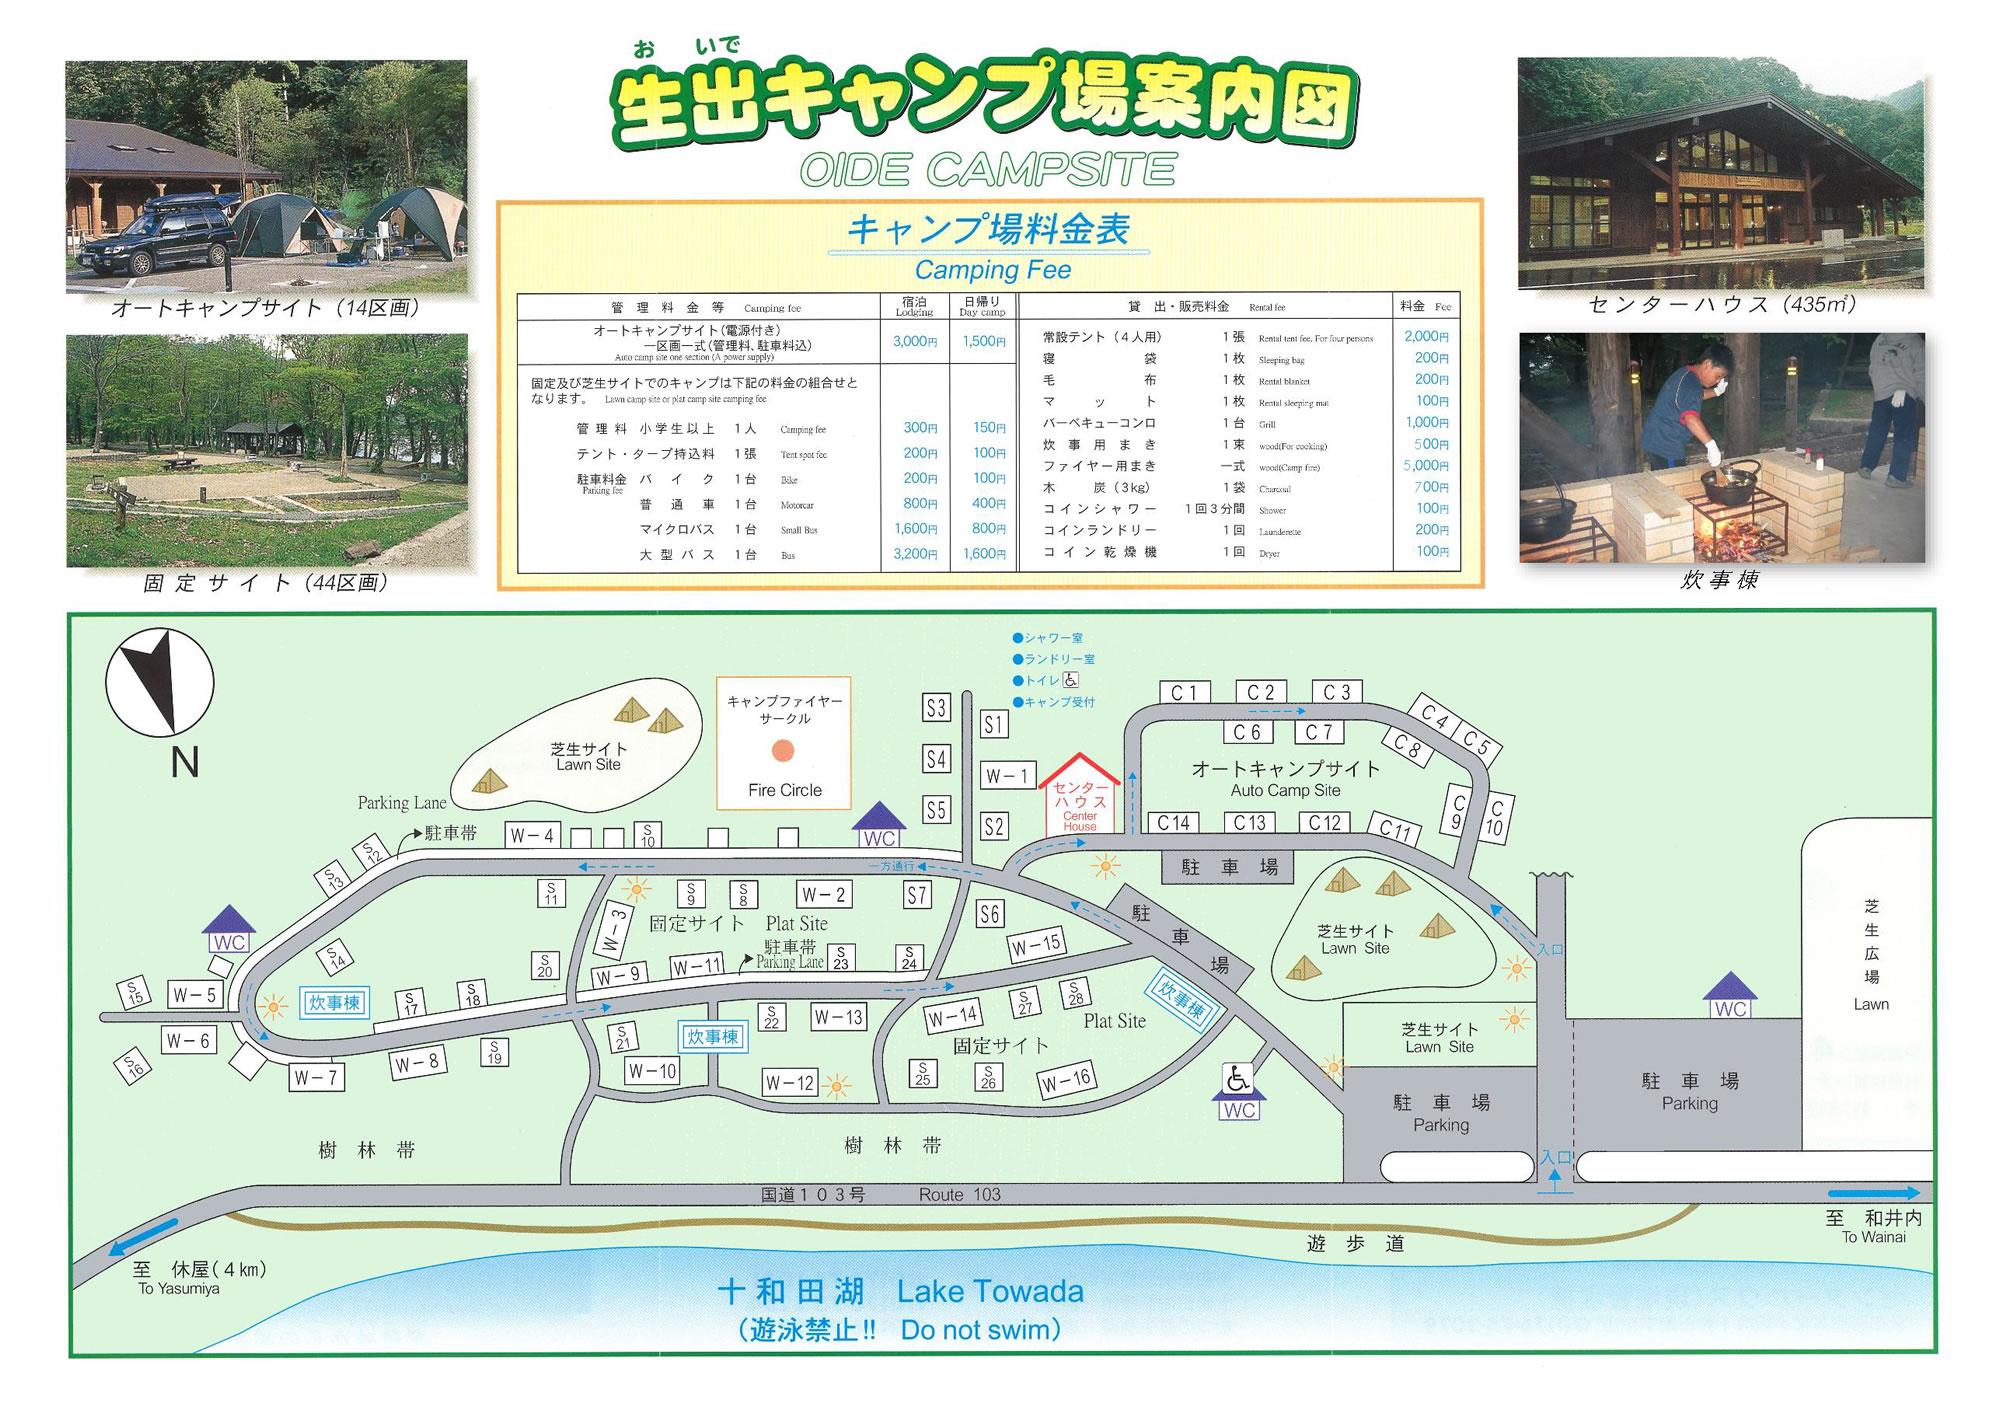 十和田湖生出(おいで)キャンプ場案内図